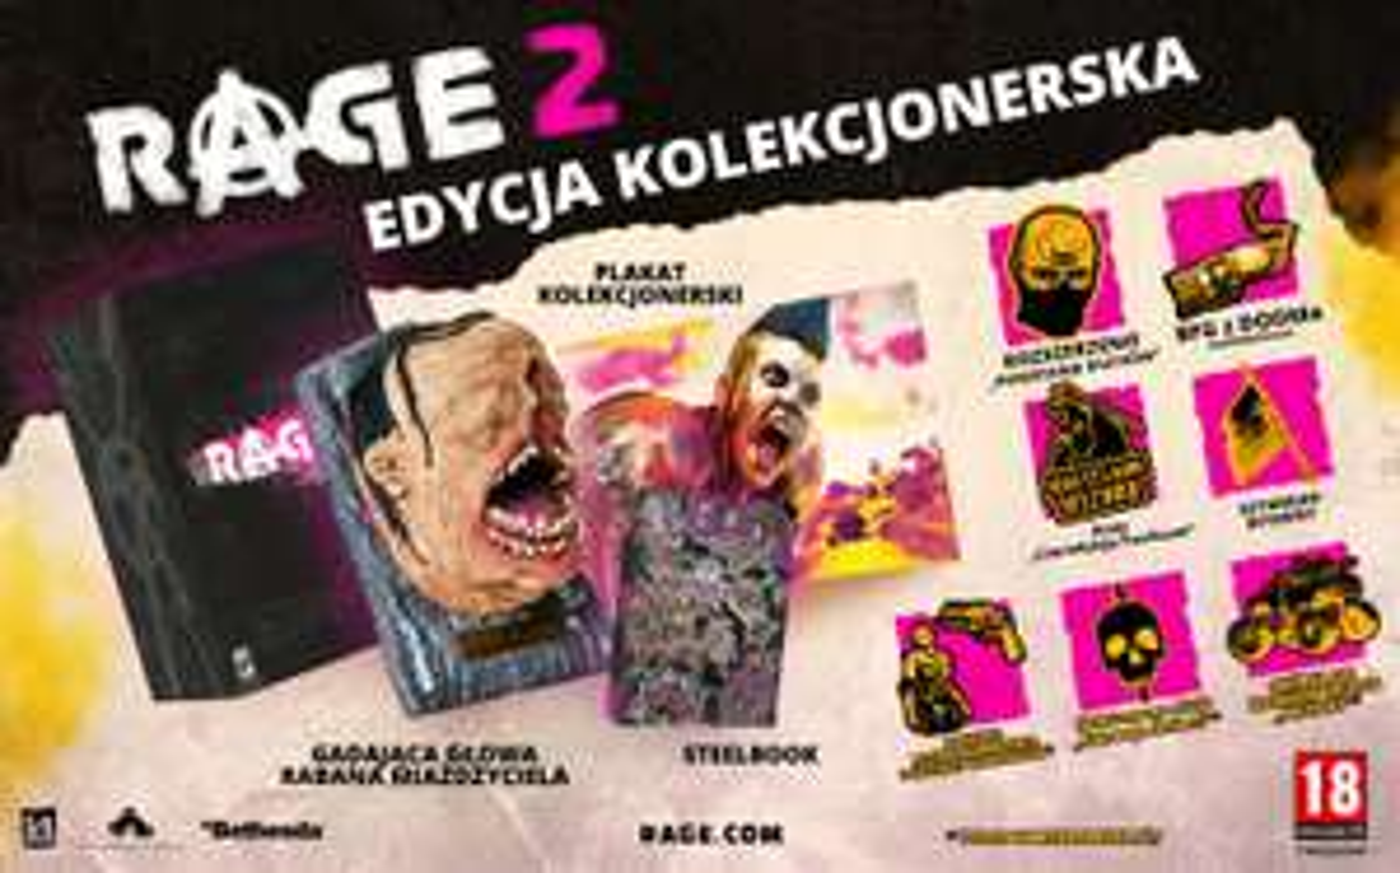 Rage 2 Edycja kolekcjonerska na PS4